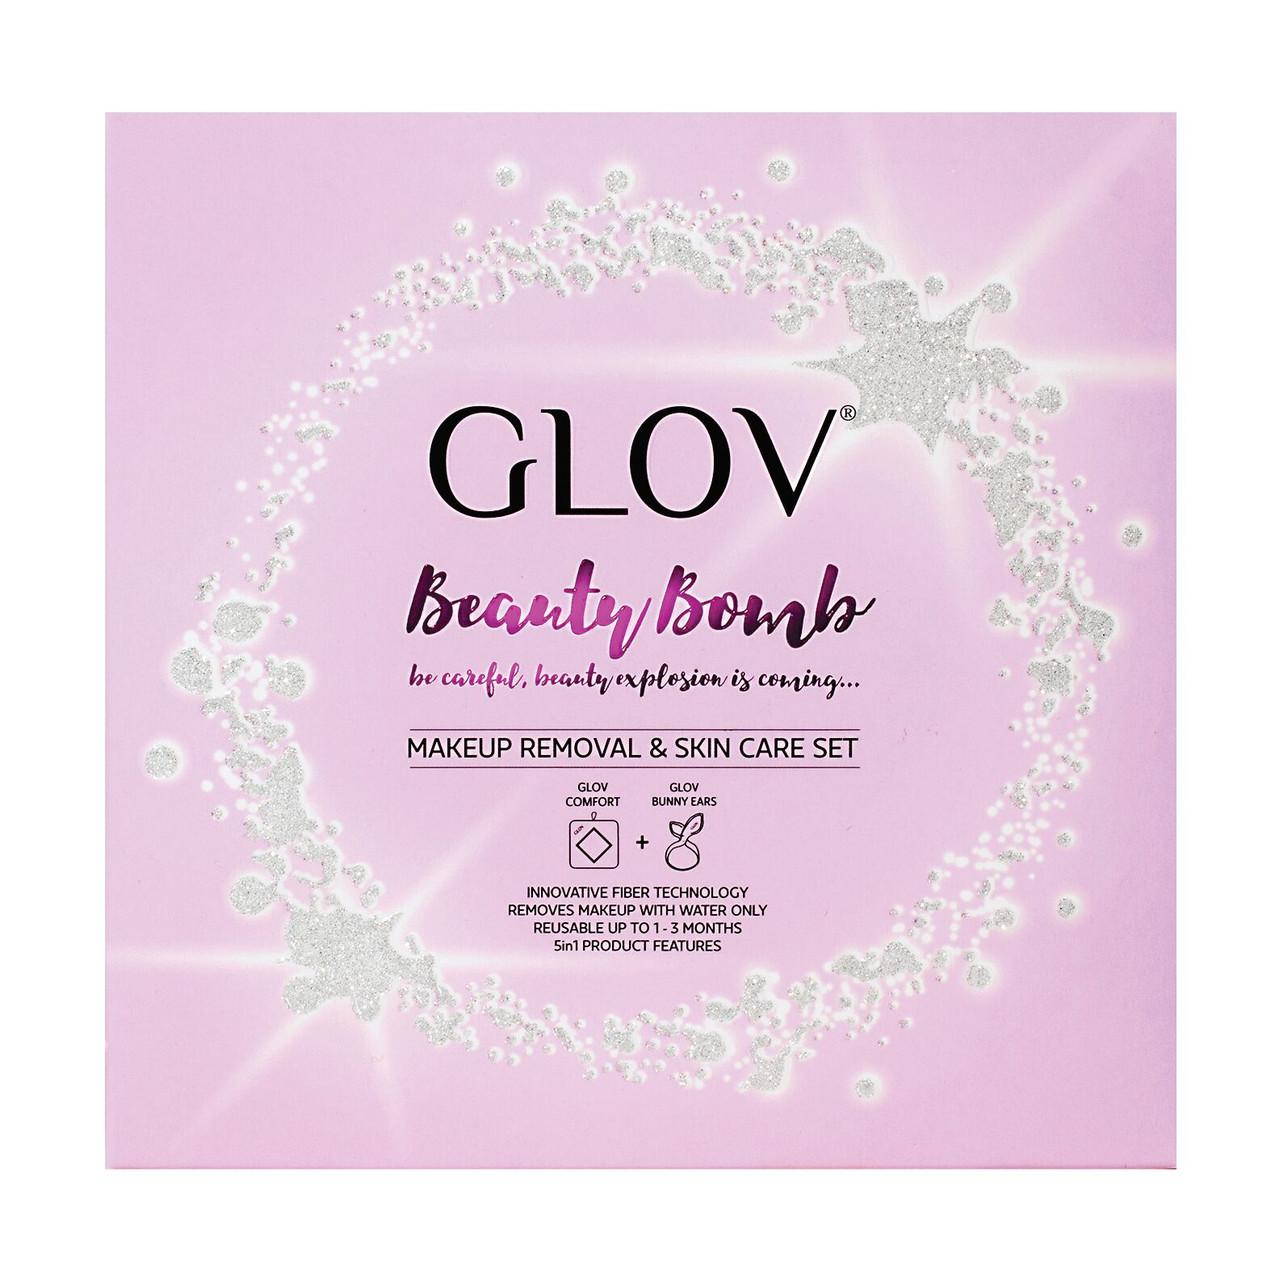 Набір GLOV Beauty Bomb, Вушка-обруч, рукавичка для демакіяжу. - фото 2